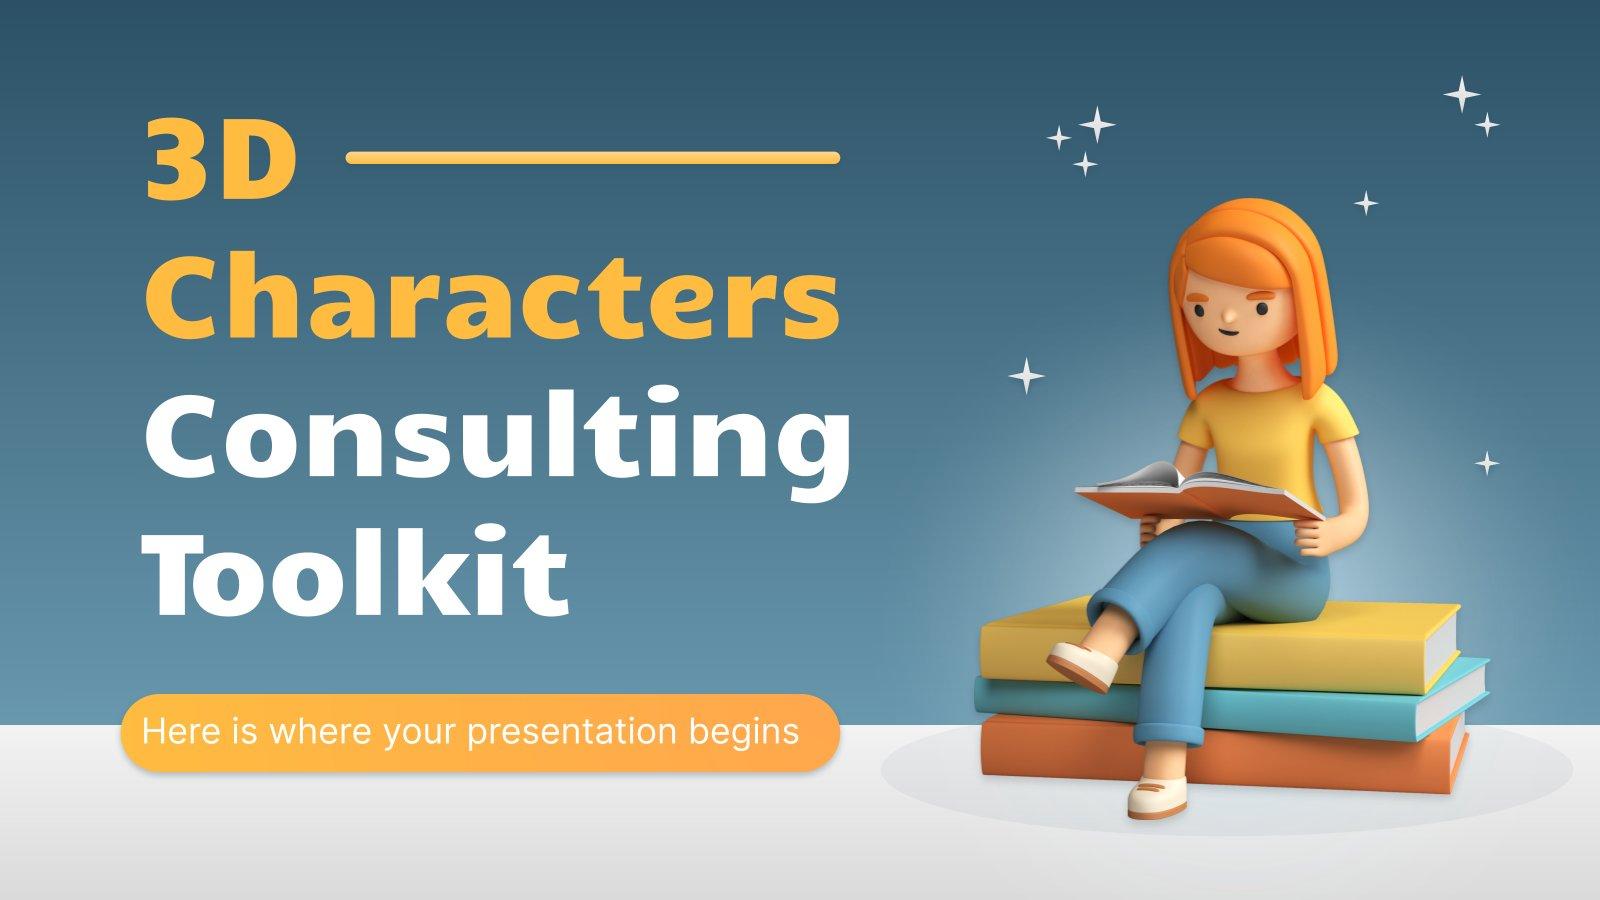 Boîte à outils de consultation avec des personnages en 3D : Modèles de présentation